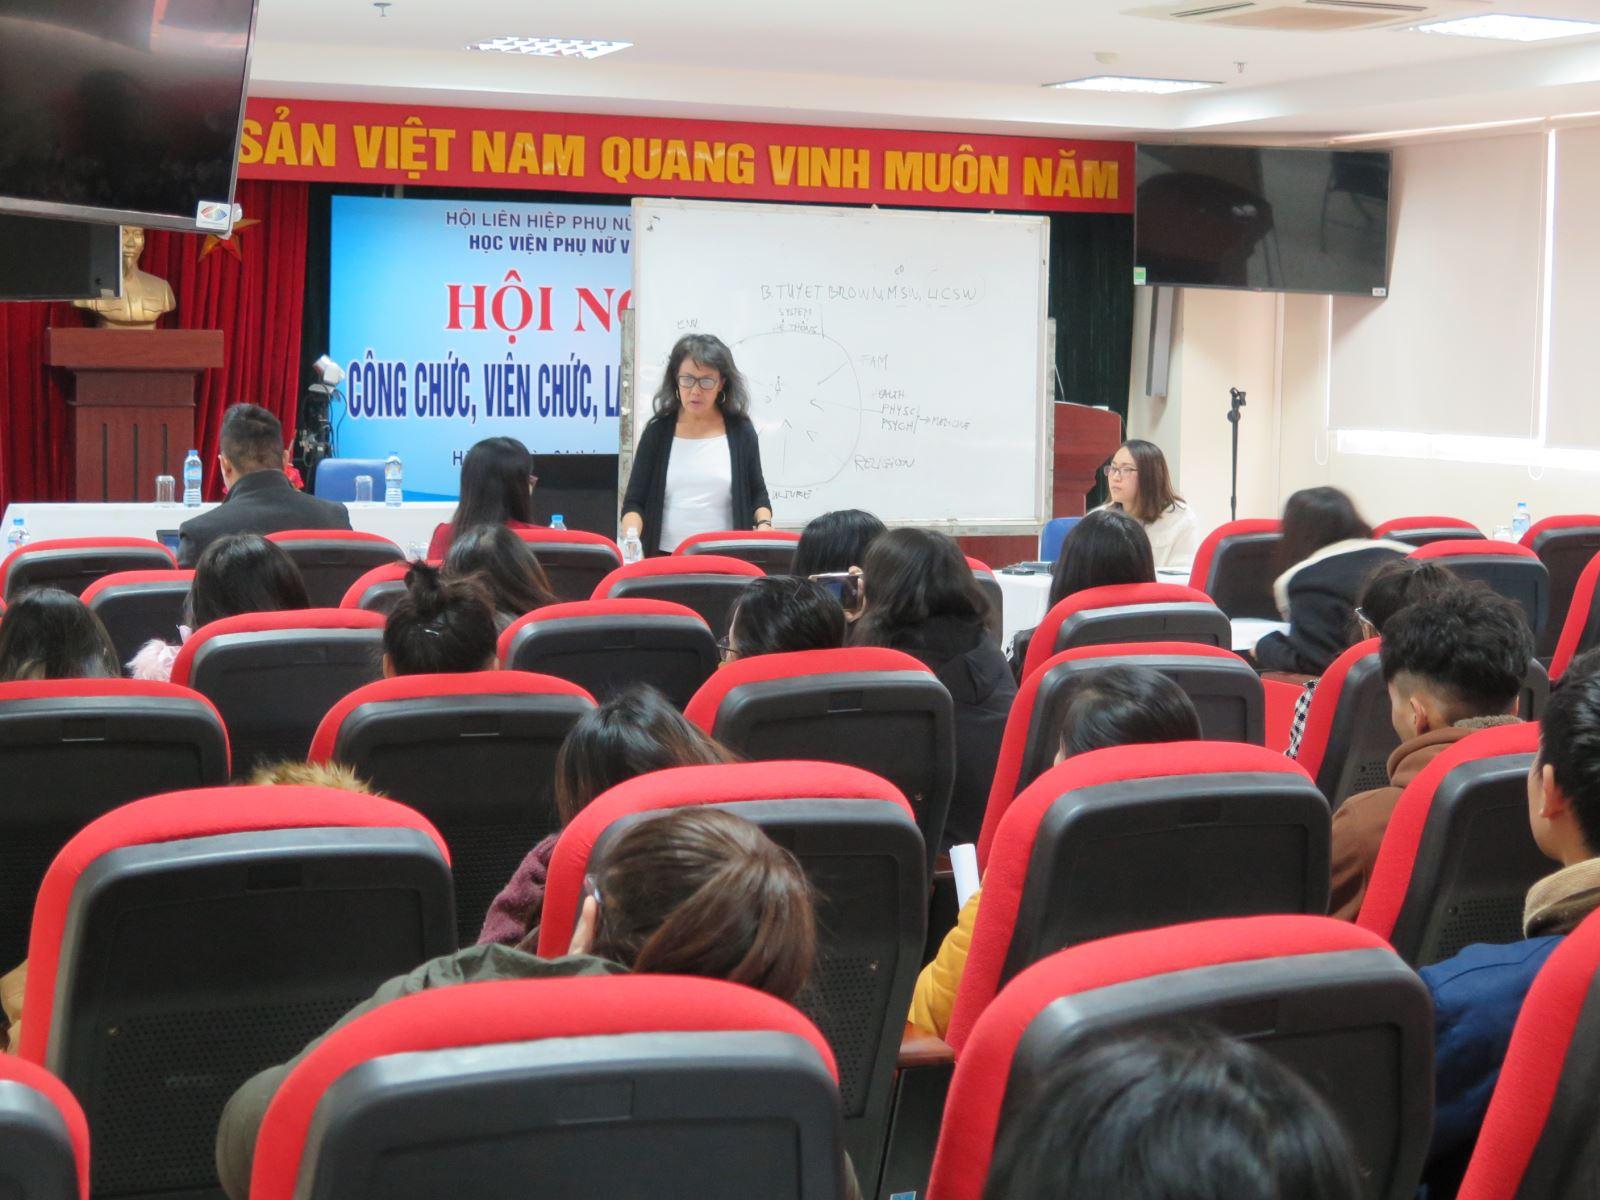 Giảng viên và sinh viên Học viện nghe nói chuyện chuyên đề về nghề Công tác xã hội